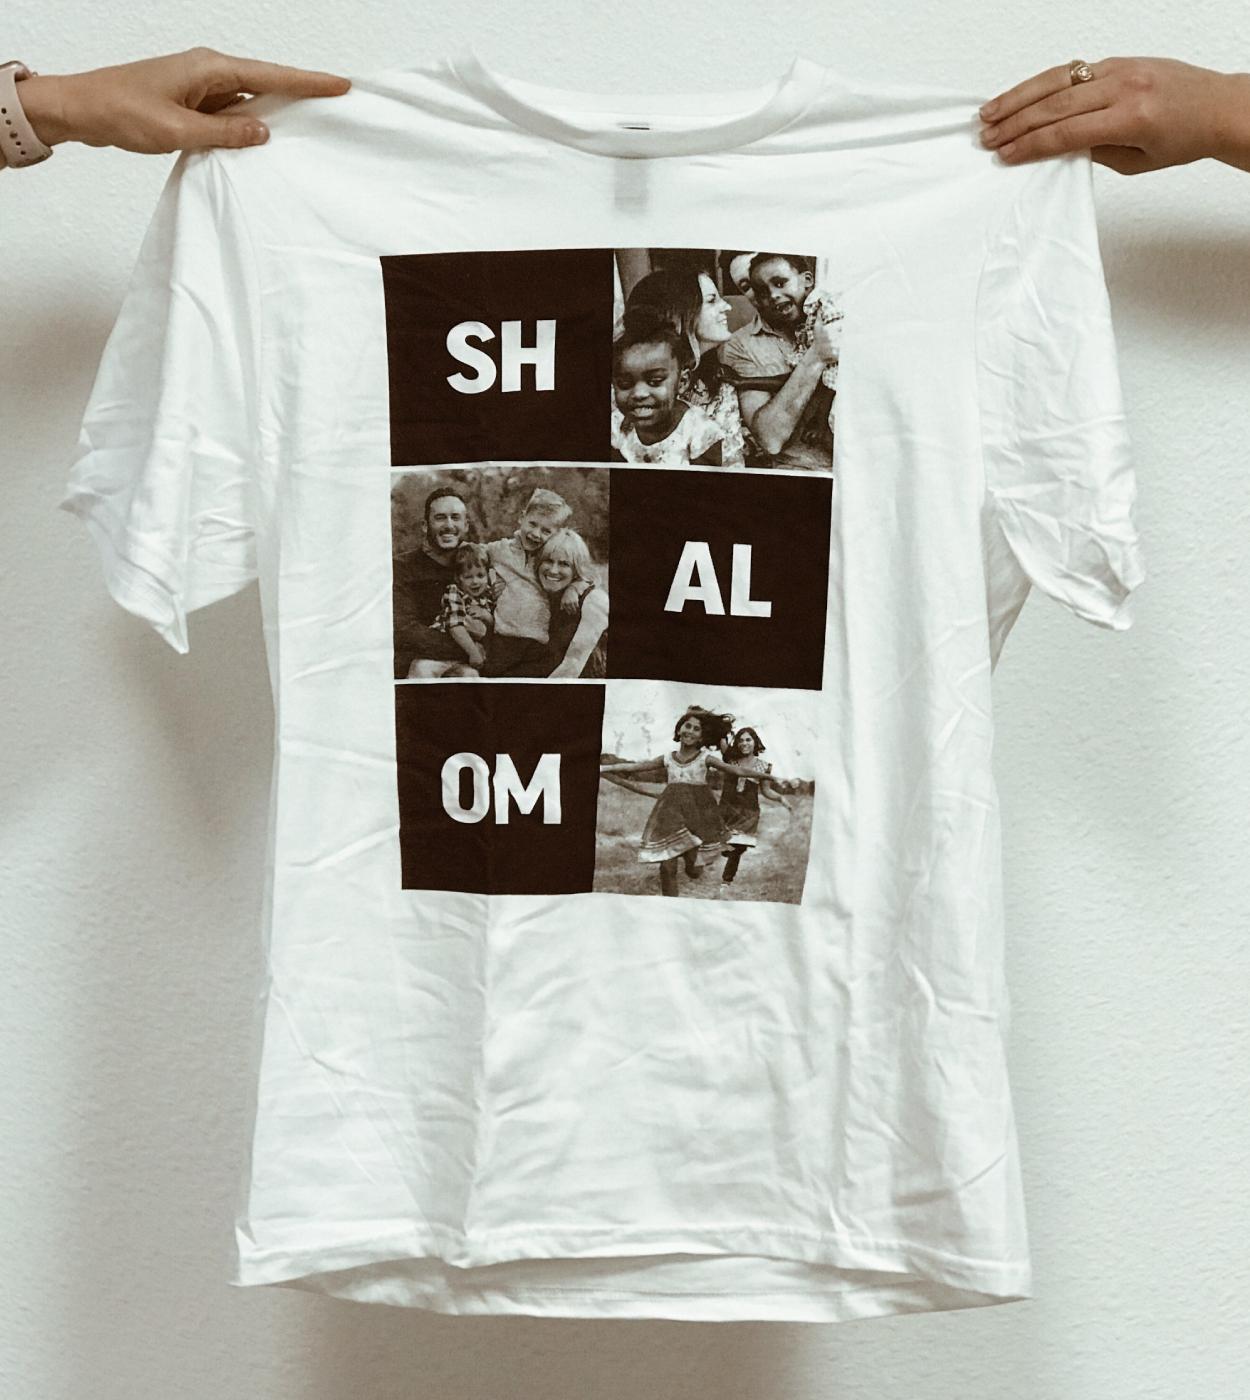 Shalom-Shirt-Website-SingleShot.jpg